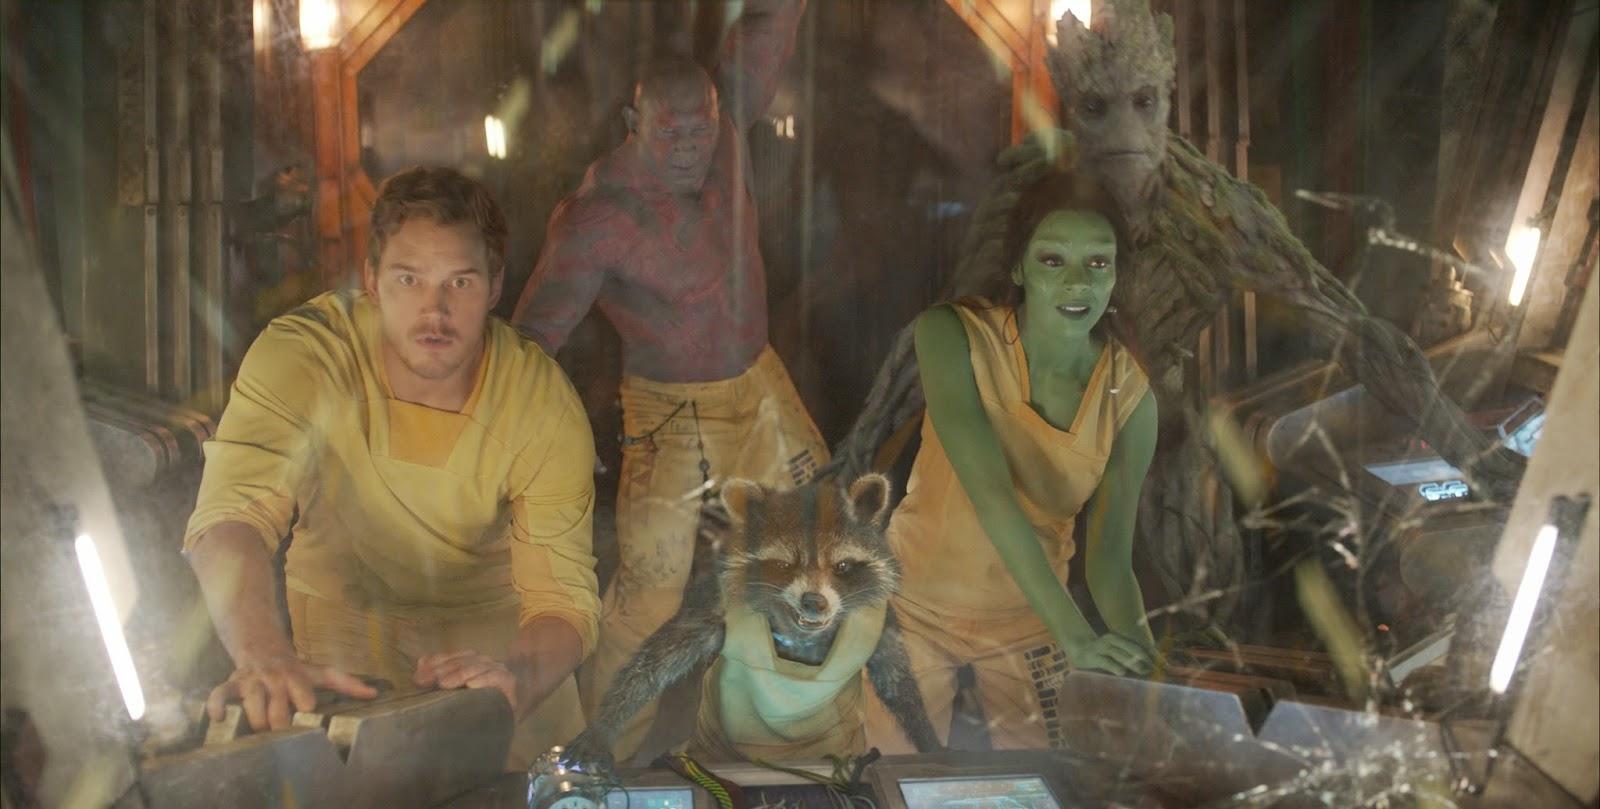 guardianes de la galaxia, subtitulos, china, chino, el zorro con gafas